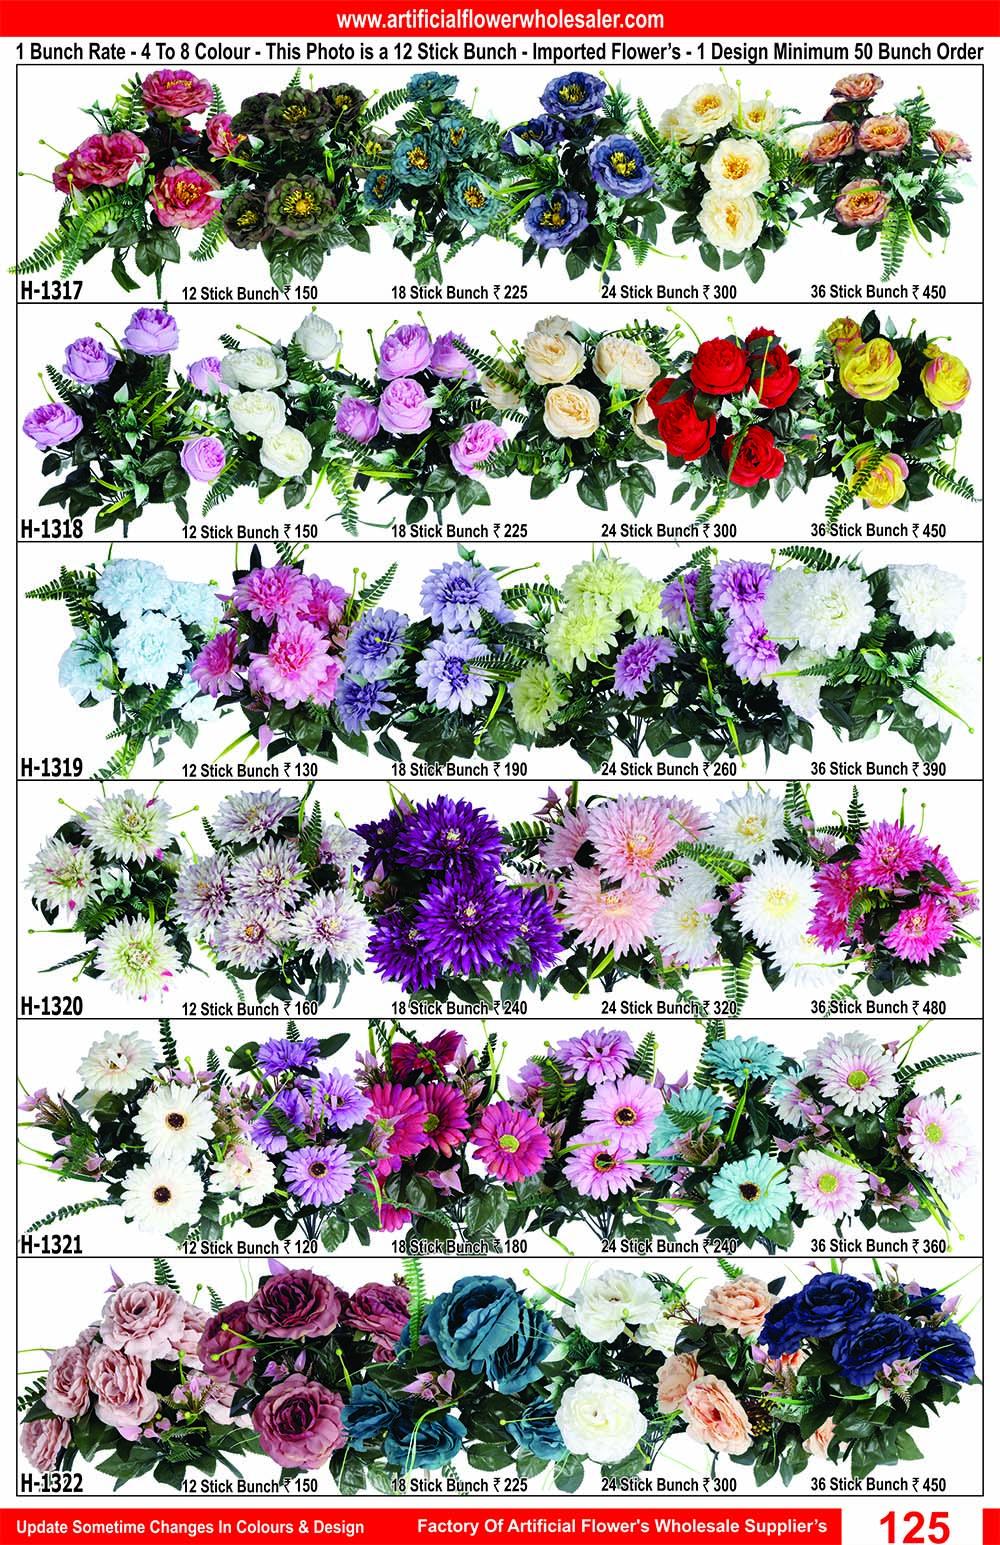 125-artificial-flower-wholesaler